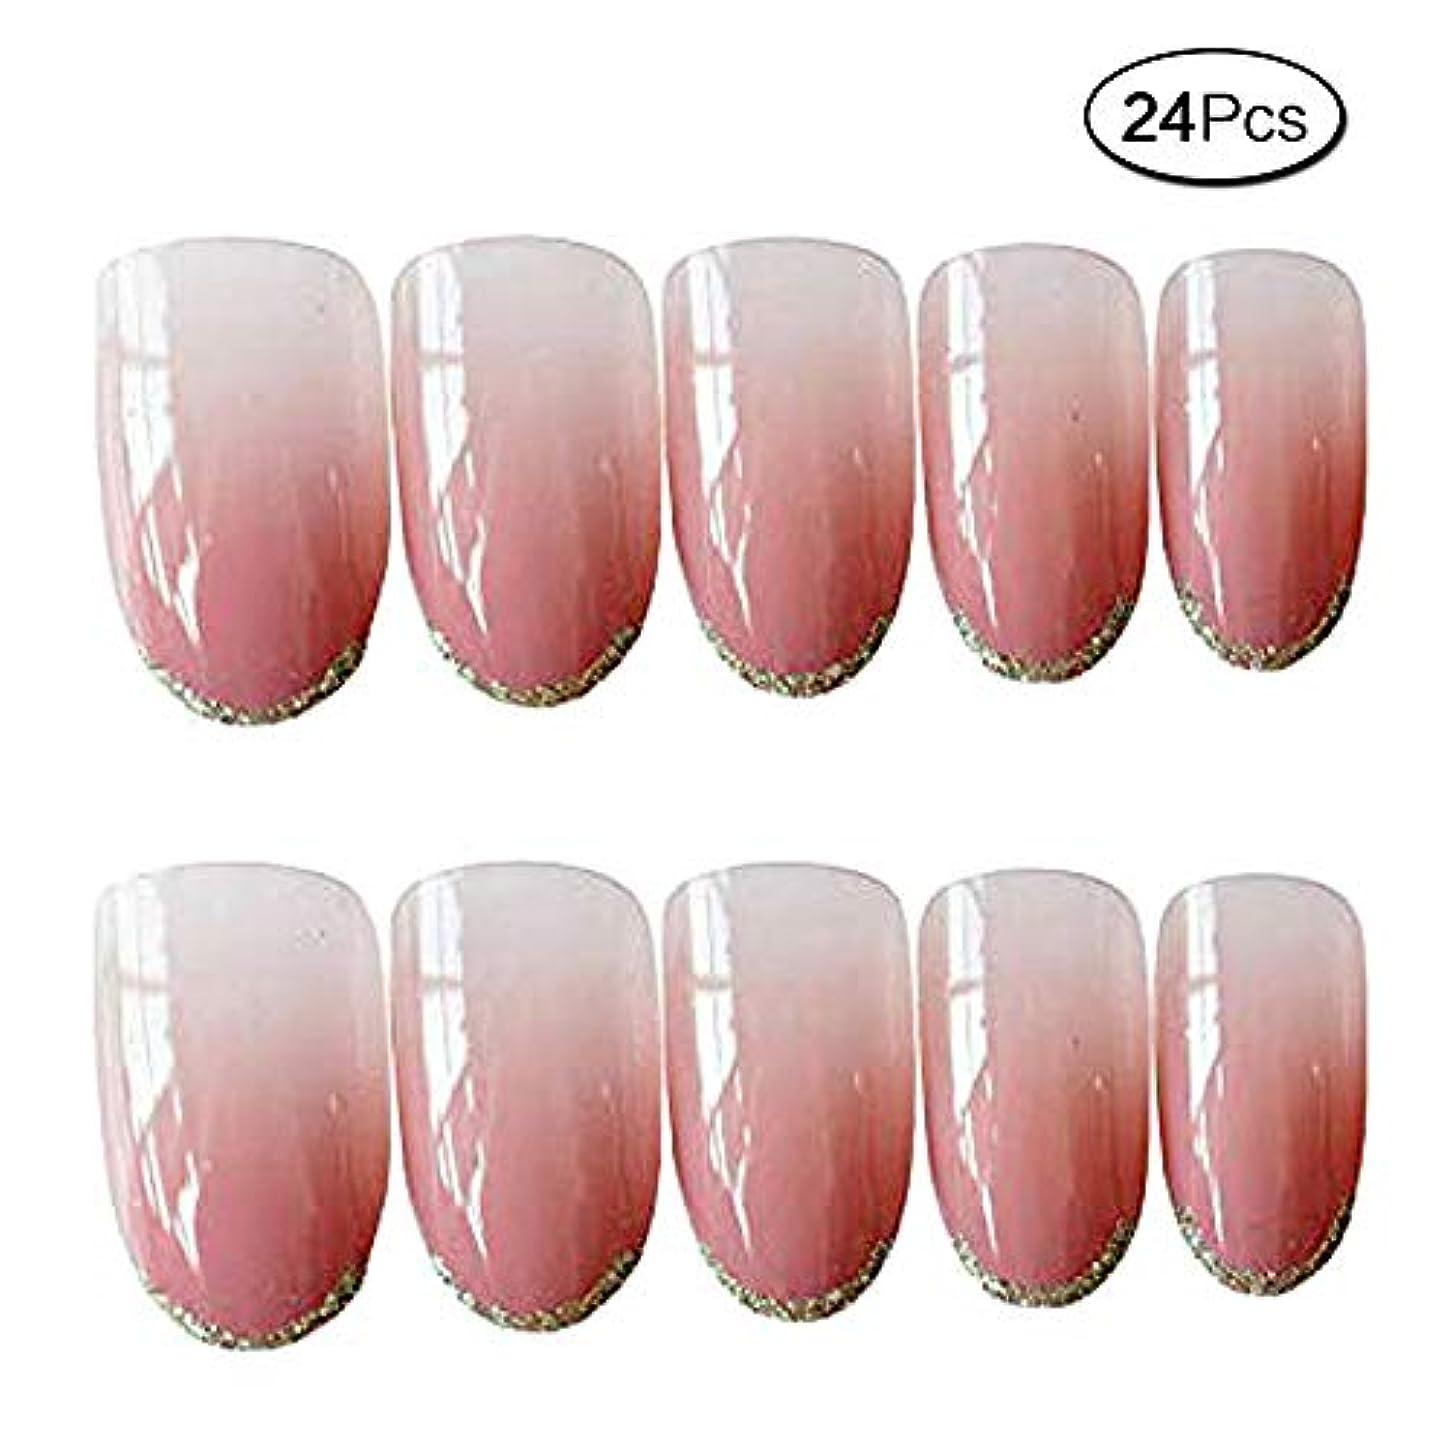 バーマド慎重最小化する24枚入 人気の色 手作りネイルチップ ファッション プノンペン グラデーション色 和風 夢幻